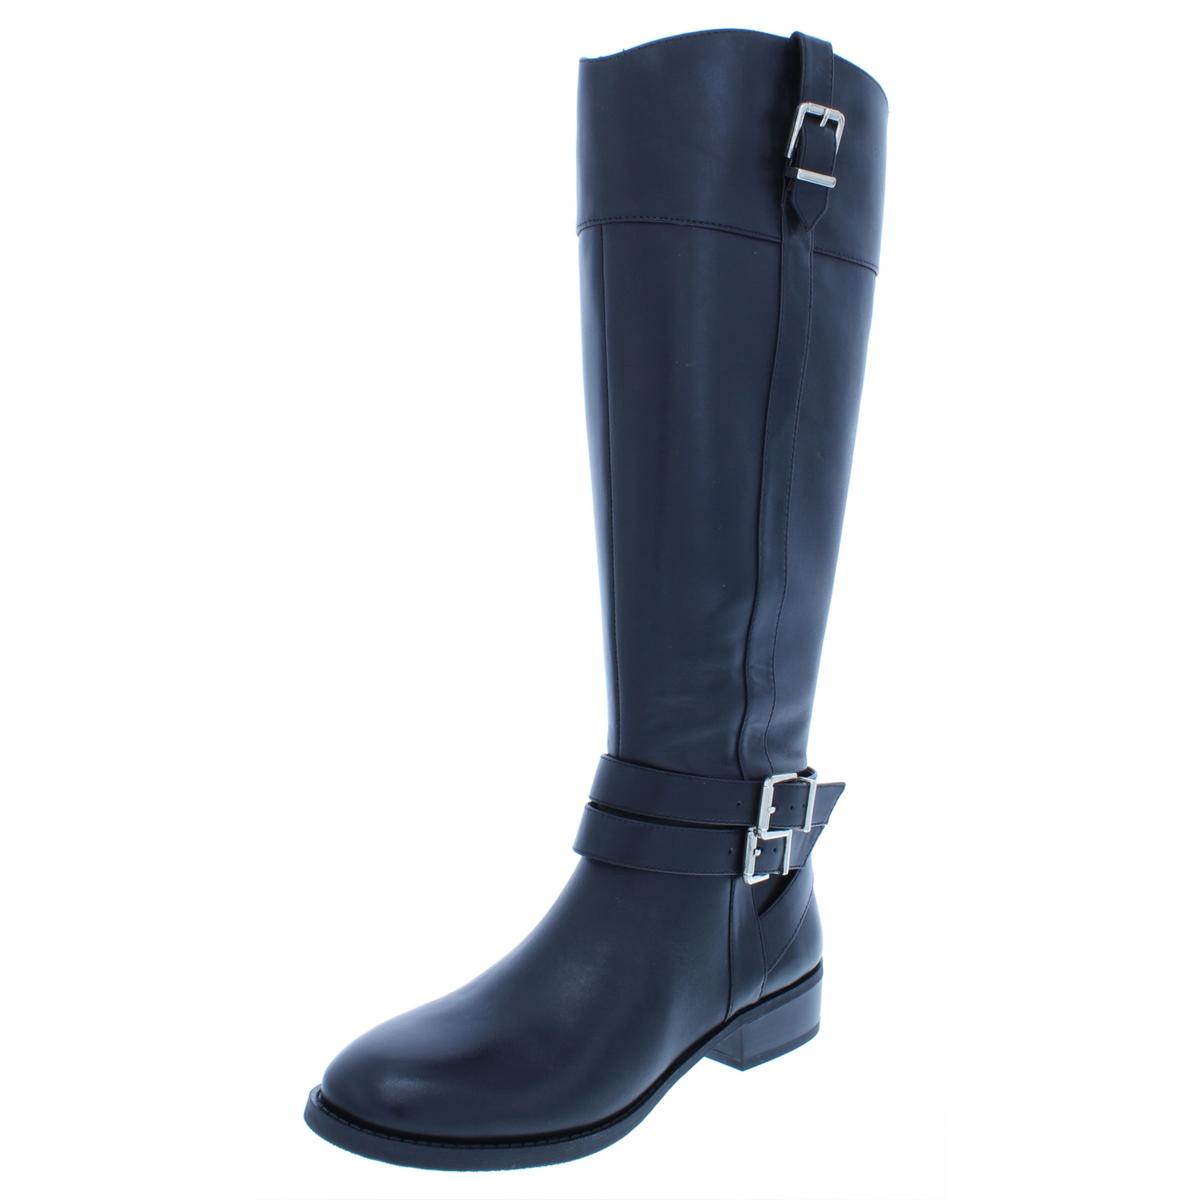 I35 Frankii Wide Calf Riding Stiefel 7 644 schwarz 7 Stiefel US     947b50